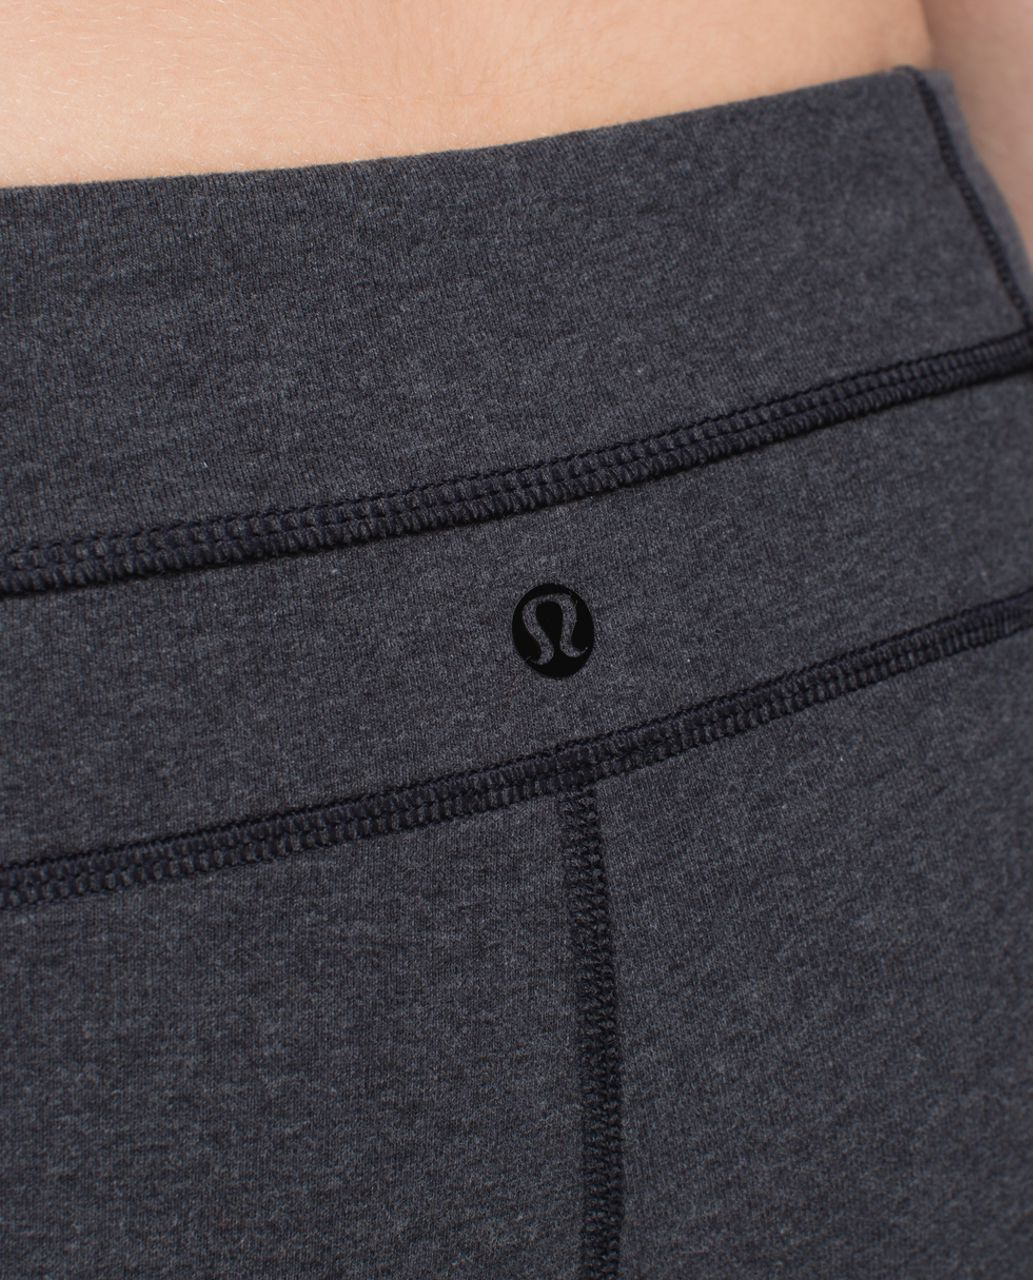 Lululemon Skinny Groove Pant *Cotton - Heathered Black